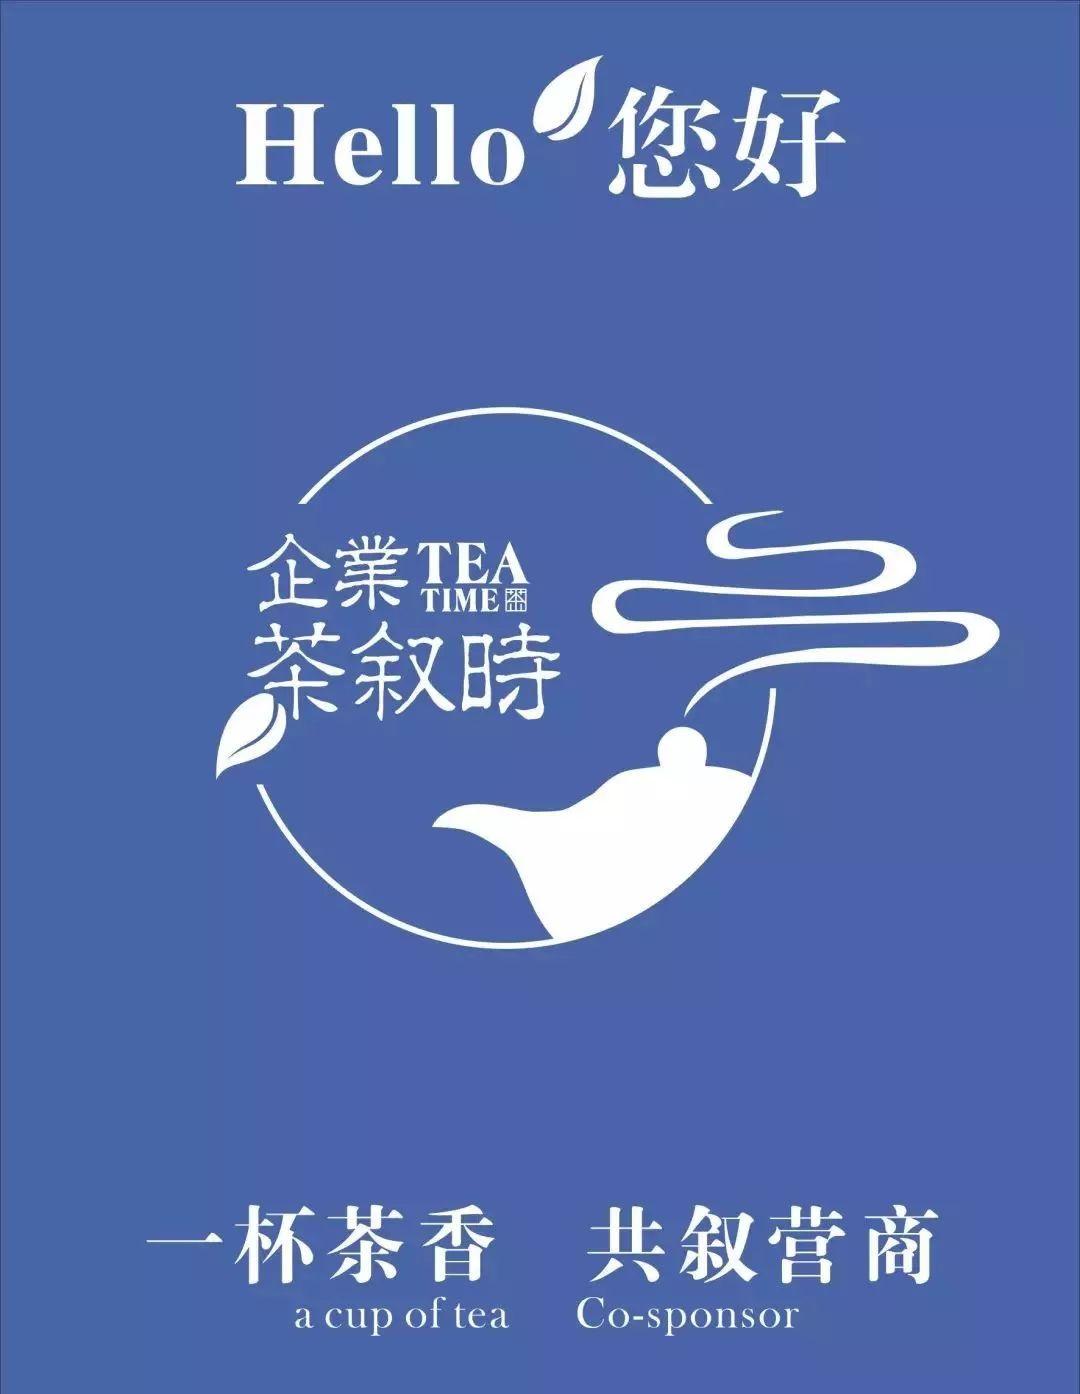 【转载】品一杯茶香!都江堰市营商办诚邀您一起共度茶叙时光!